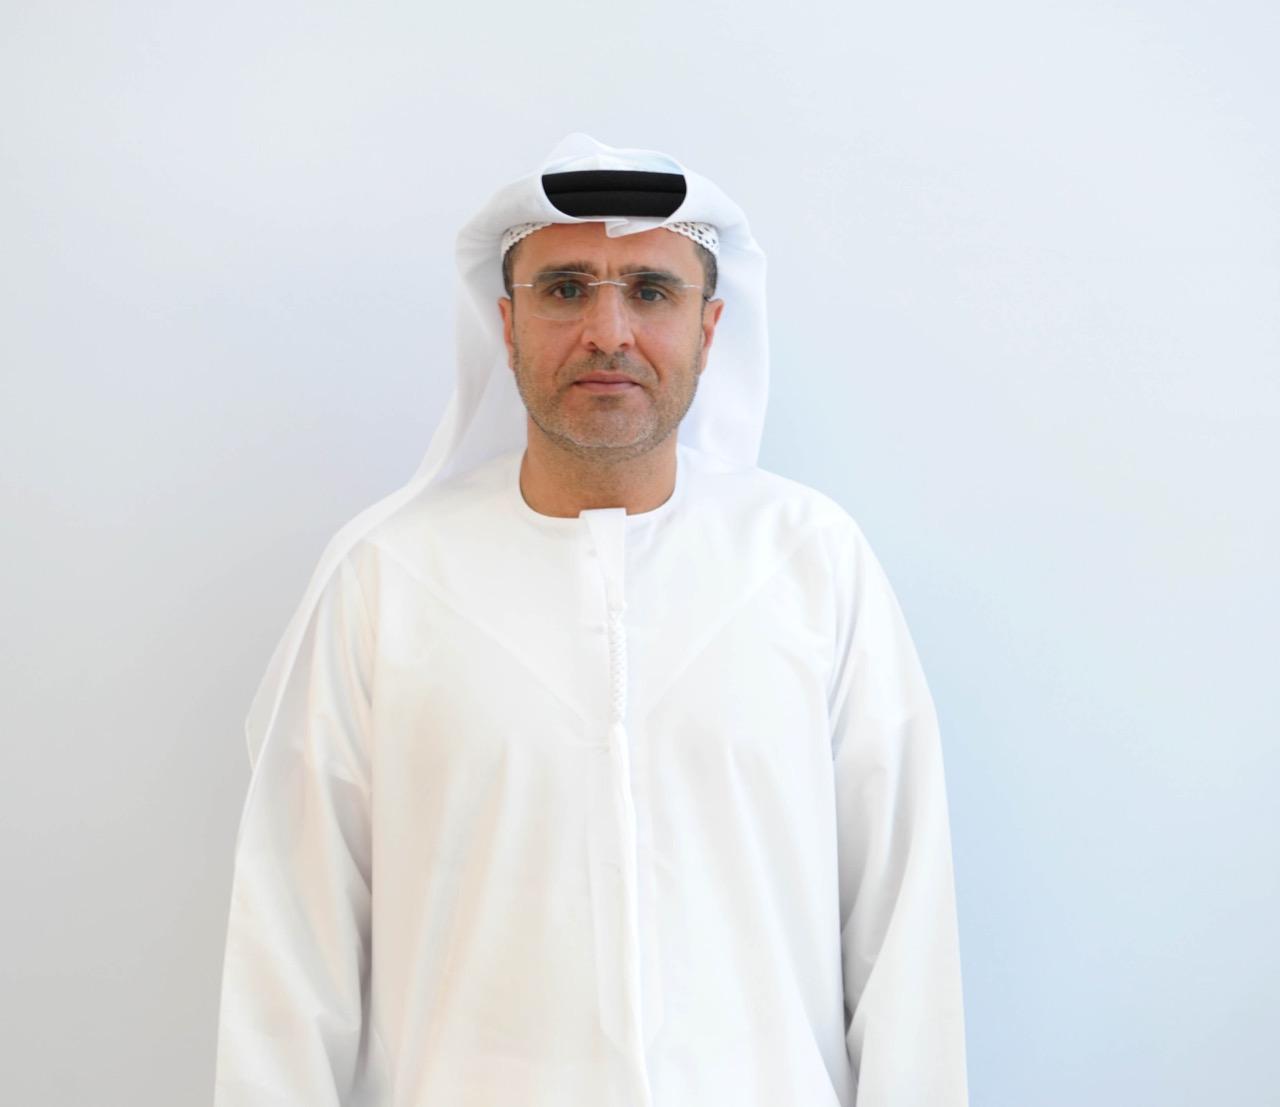 """""""الإمارات للتحكيم الرياضي"""" يطلق لائحته التأديبية لتنظيم الإجراءات القانونية للمحكمين"""